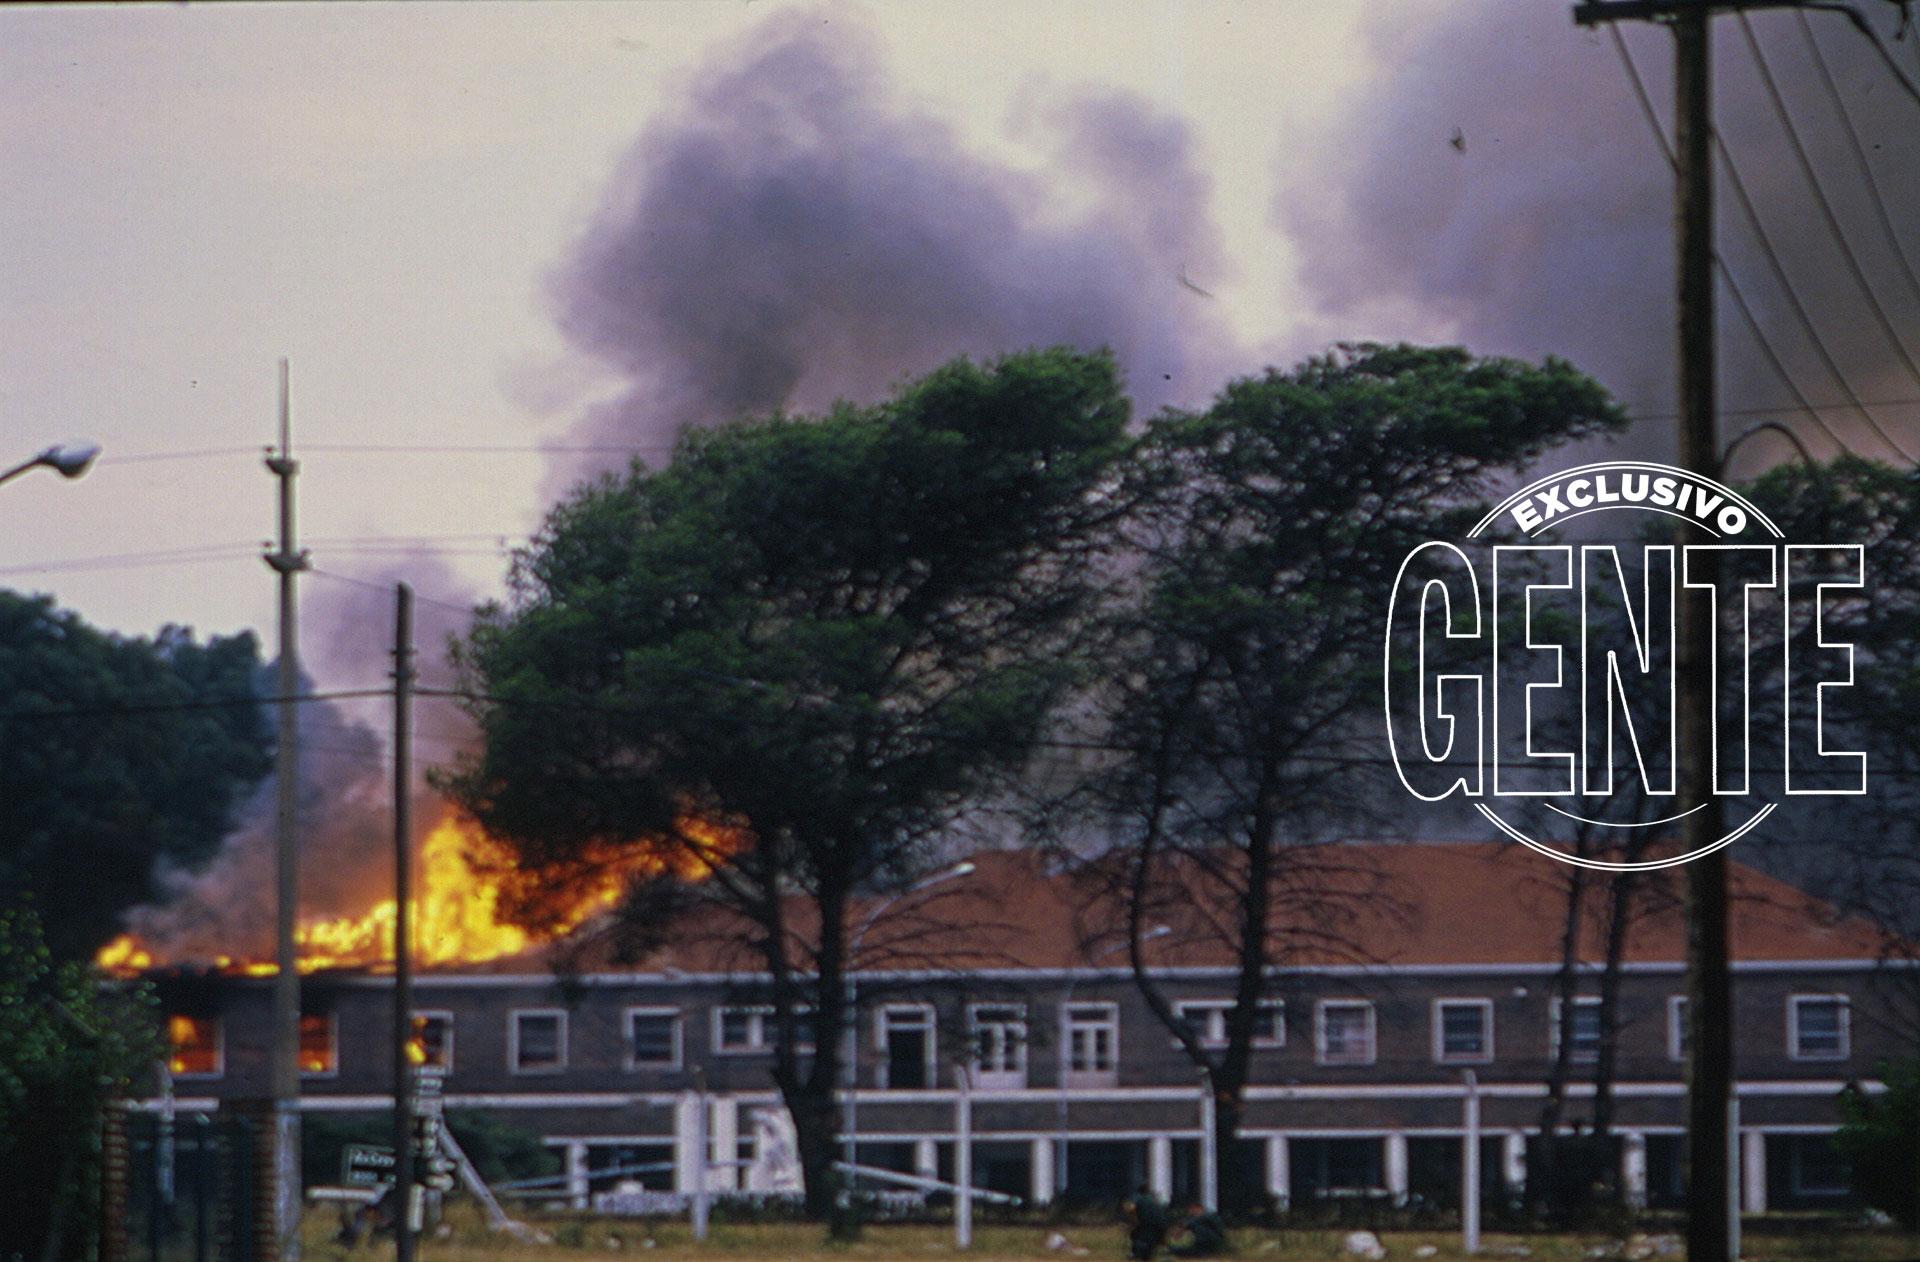 Cuando los guerrilleros ingresaron a la Compañía de Servicios del cuartel coparon la sala de armas y se hicieron con fusiles, MAG y MAP.